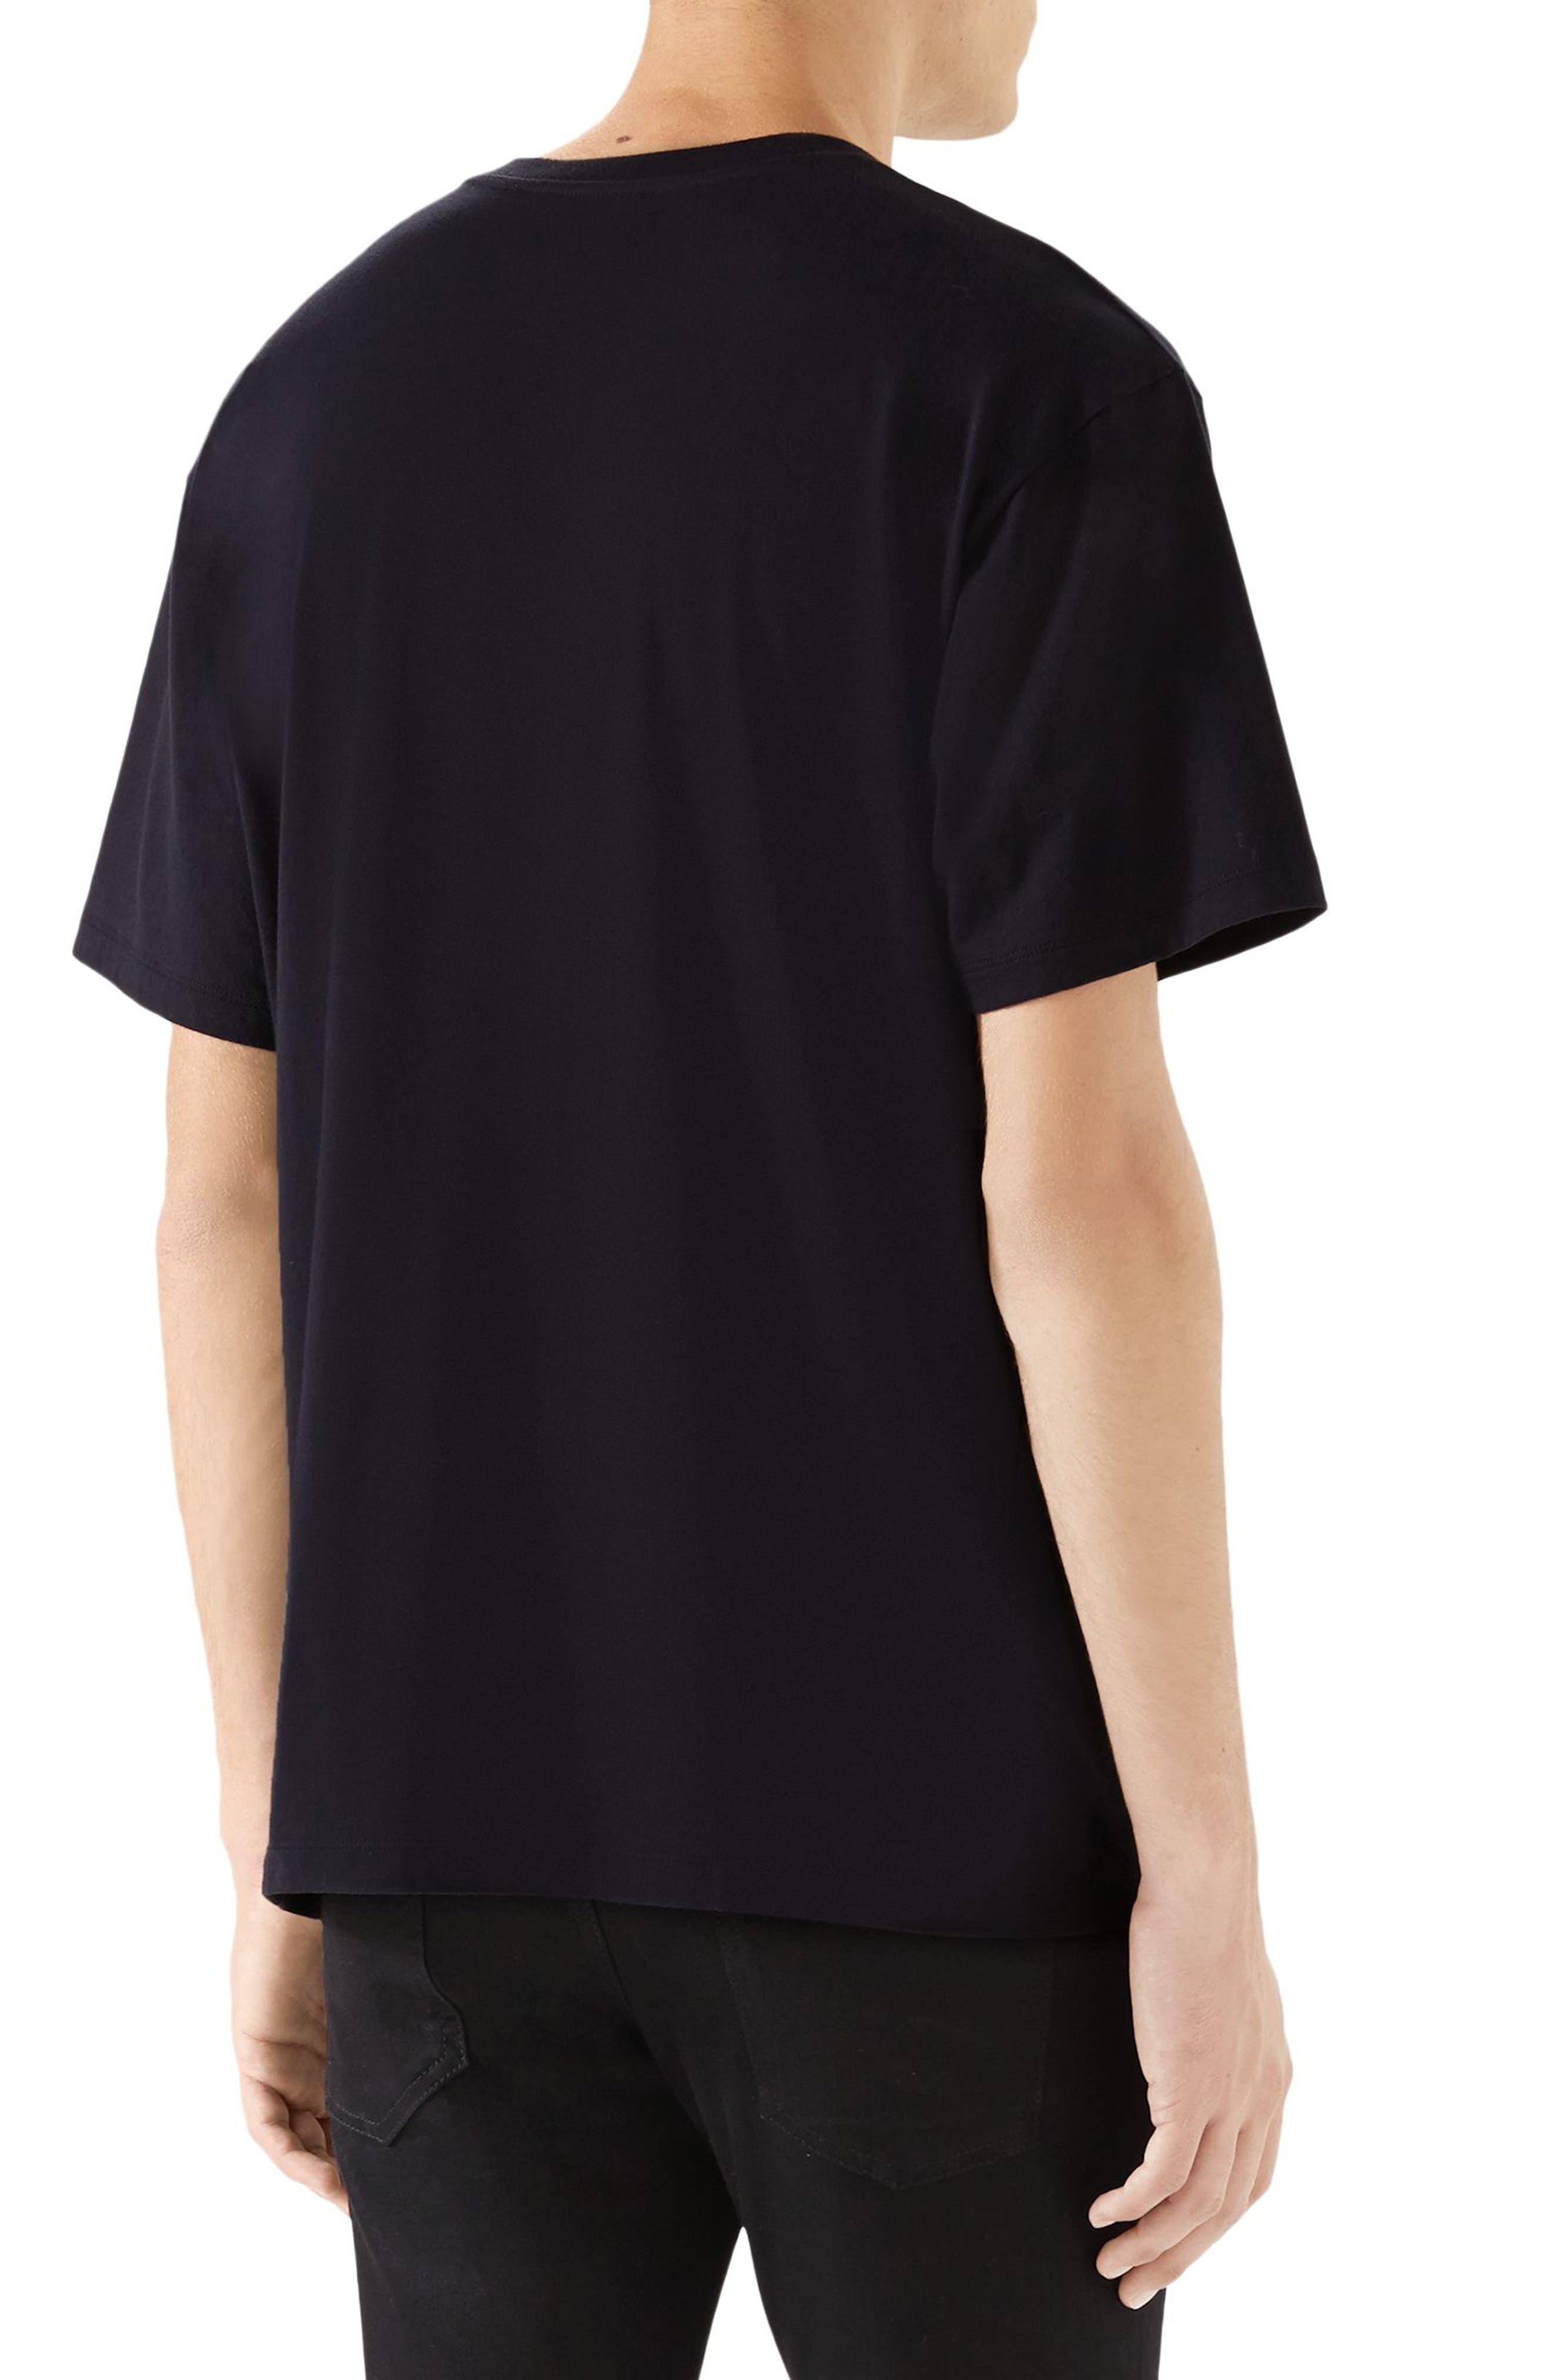 GUCCI, Iridescent Logo T-Shirt, Alternate thumbnail 2, color, BLACK MULTI